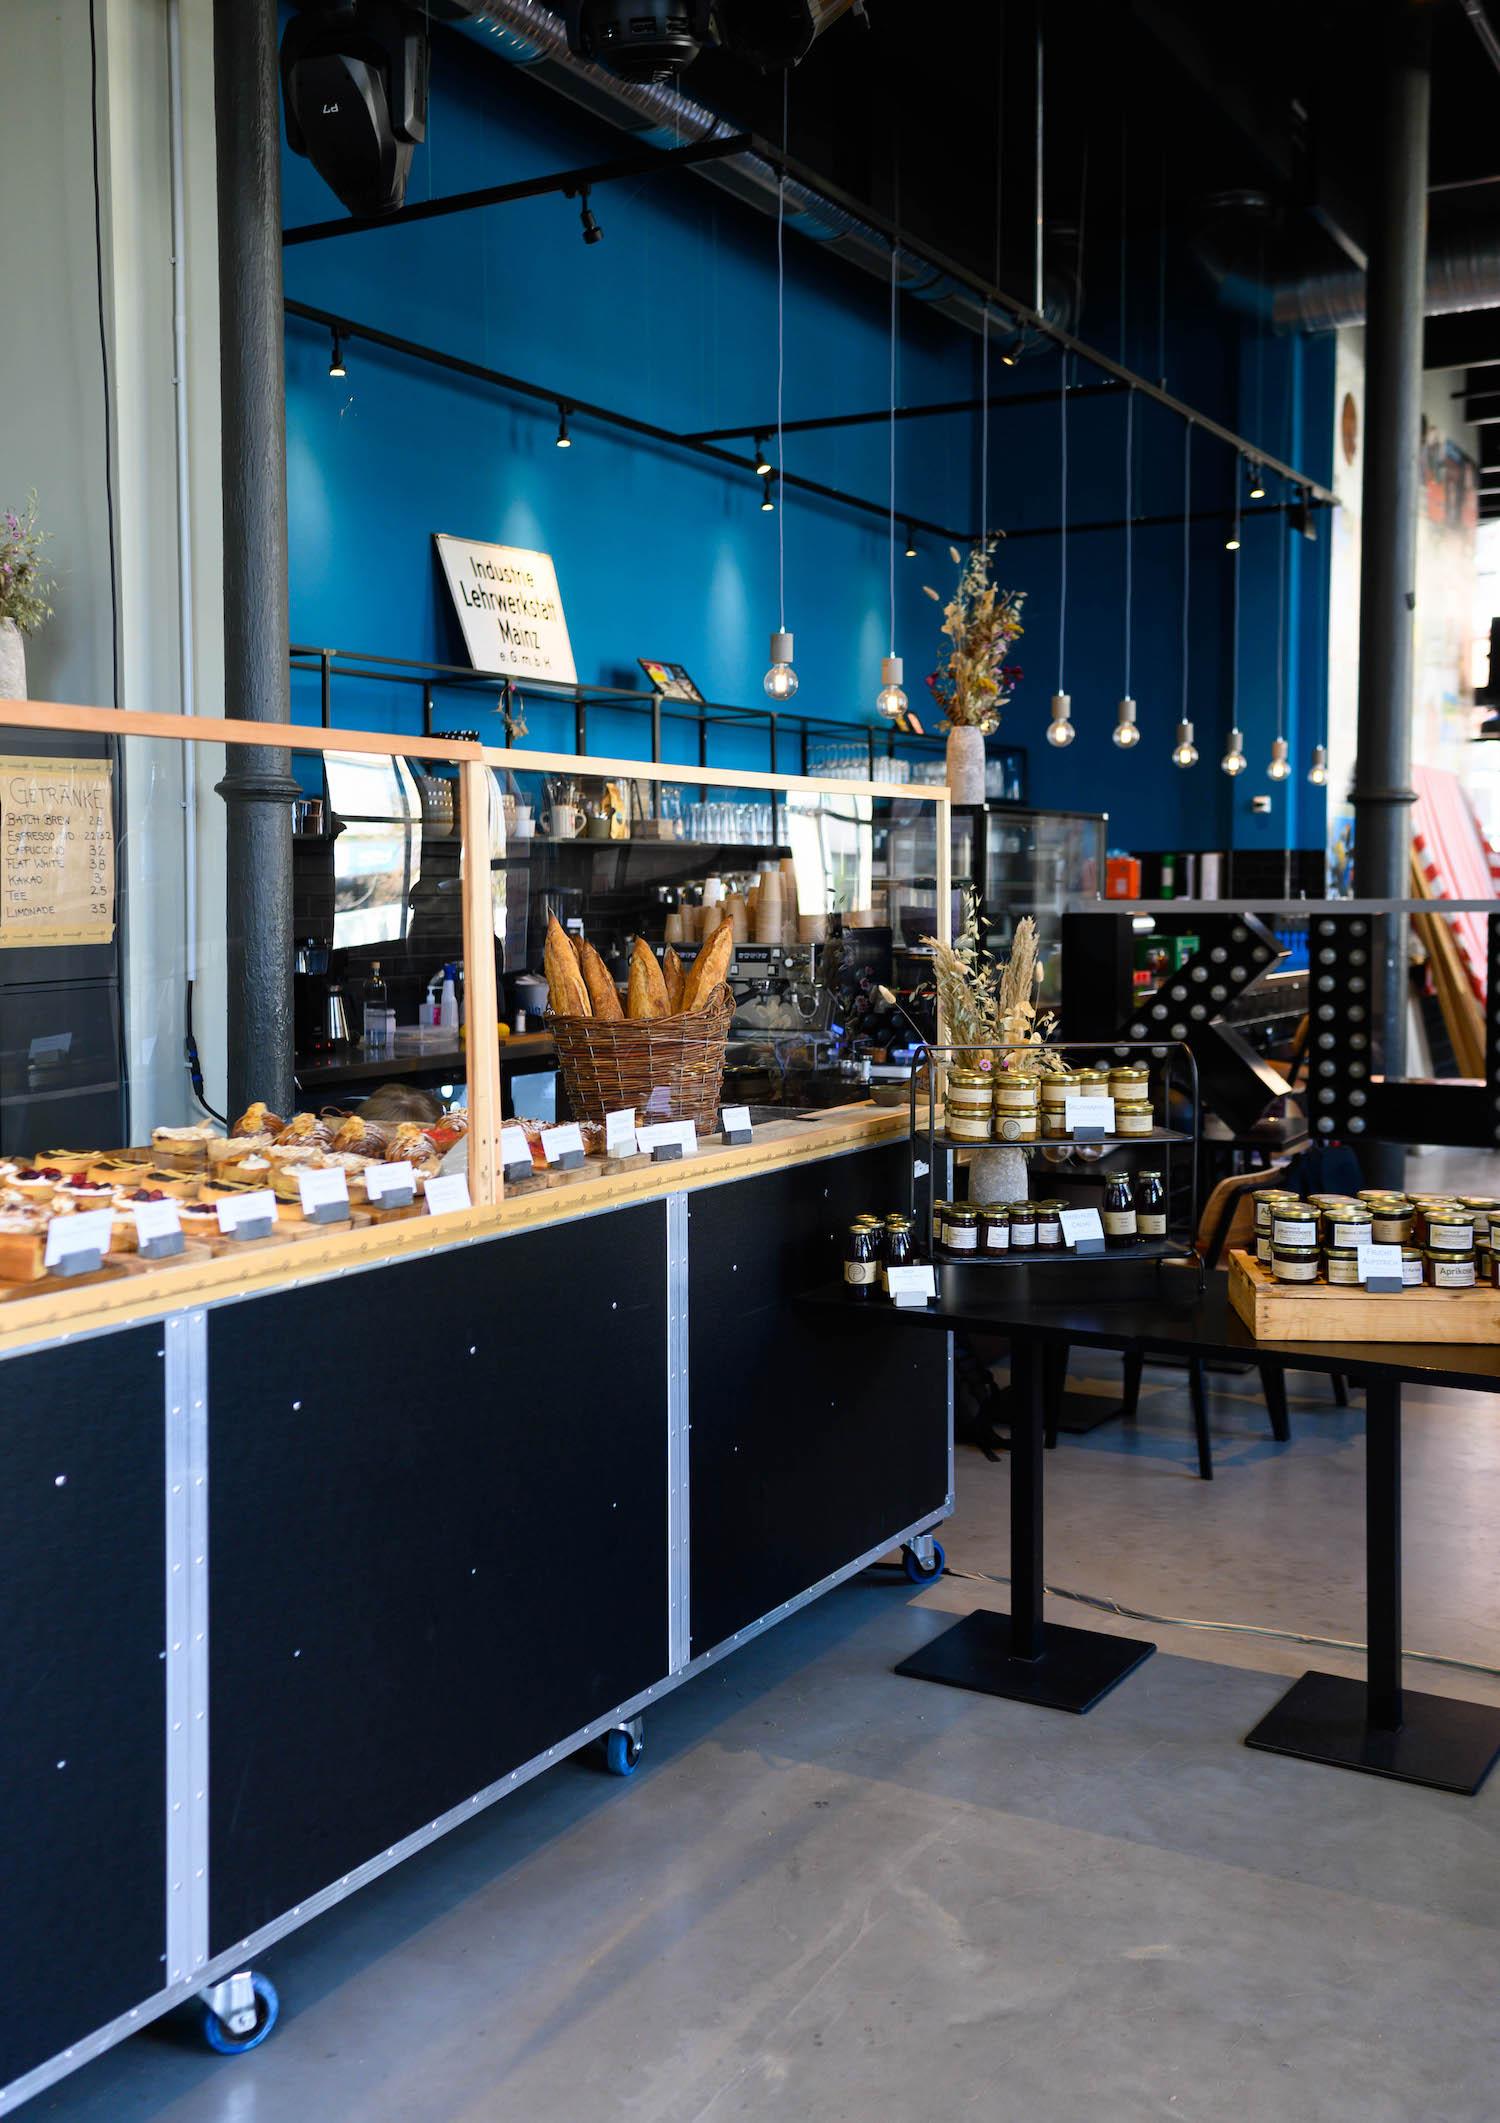 Bakery am Rhein